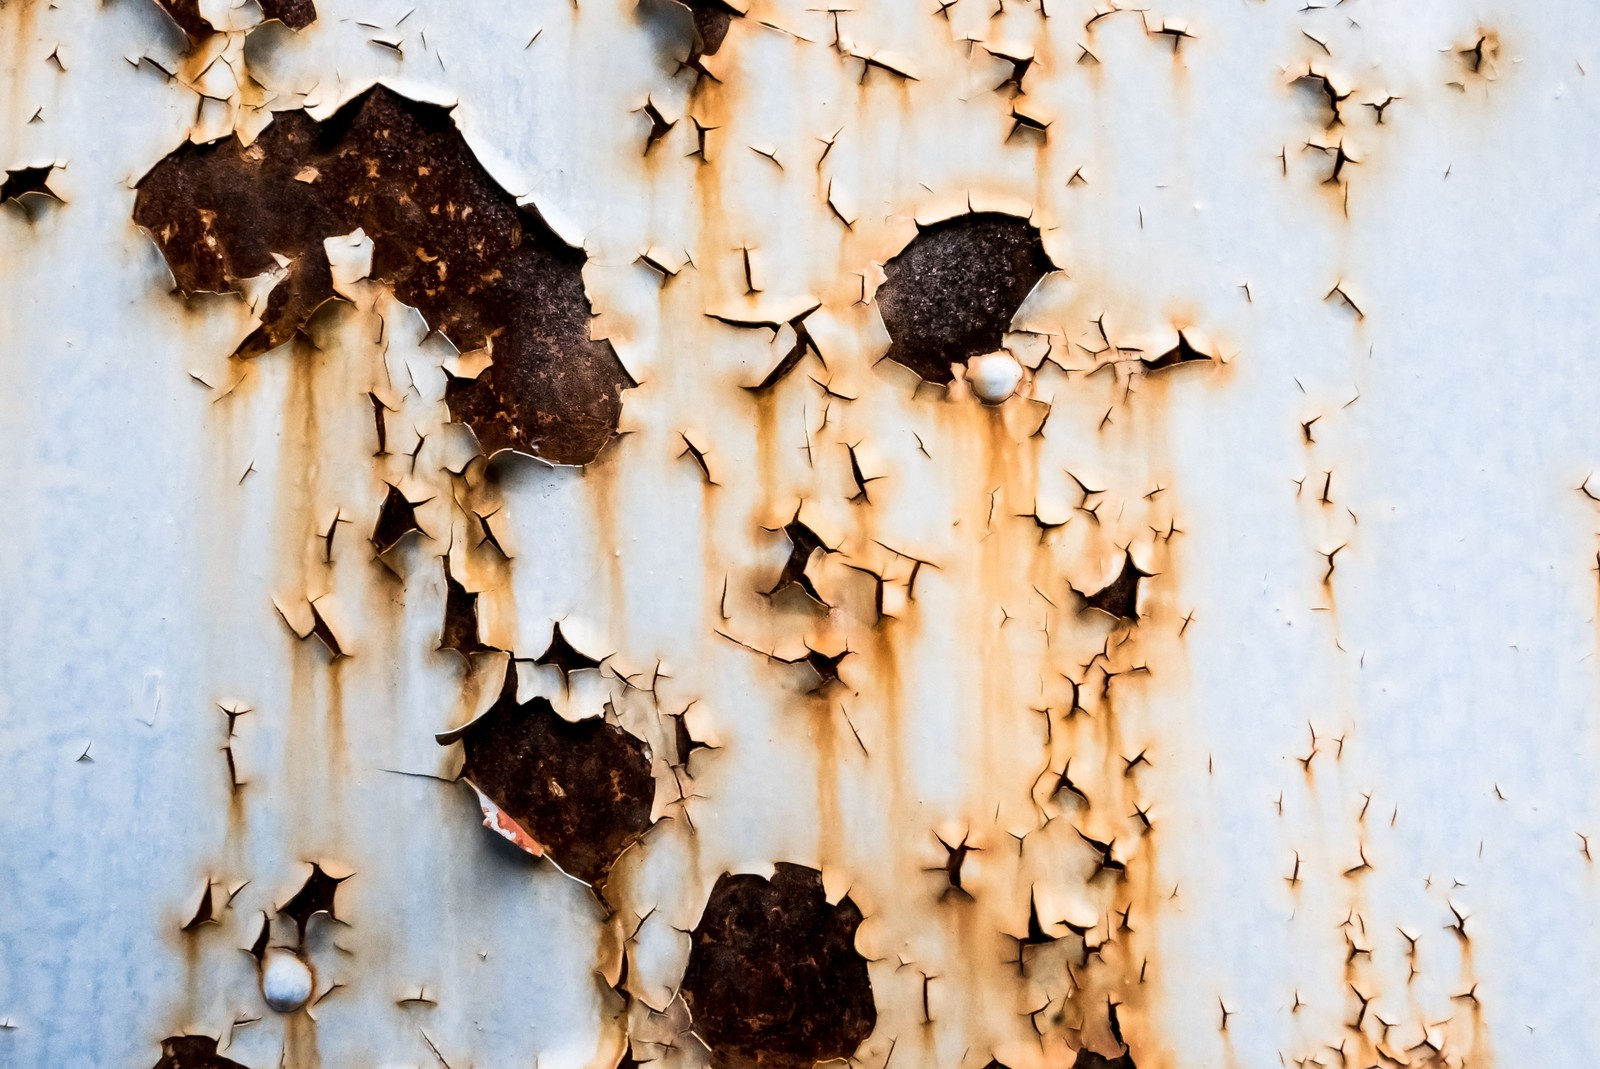 「ペンキが剥がれた壁」の写真